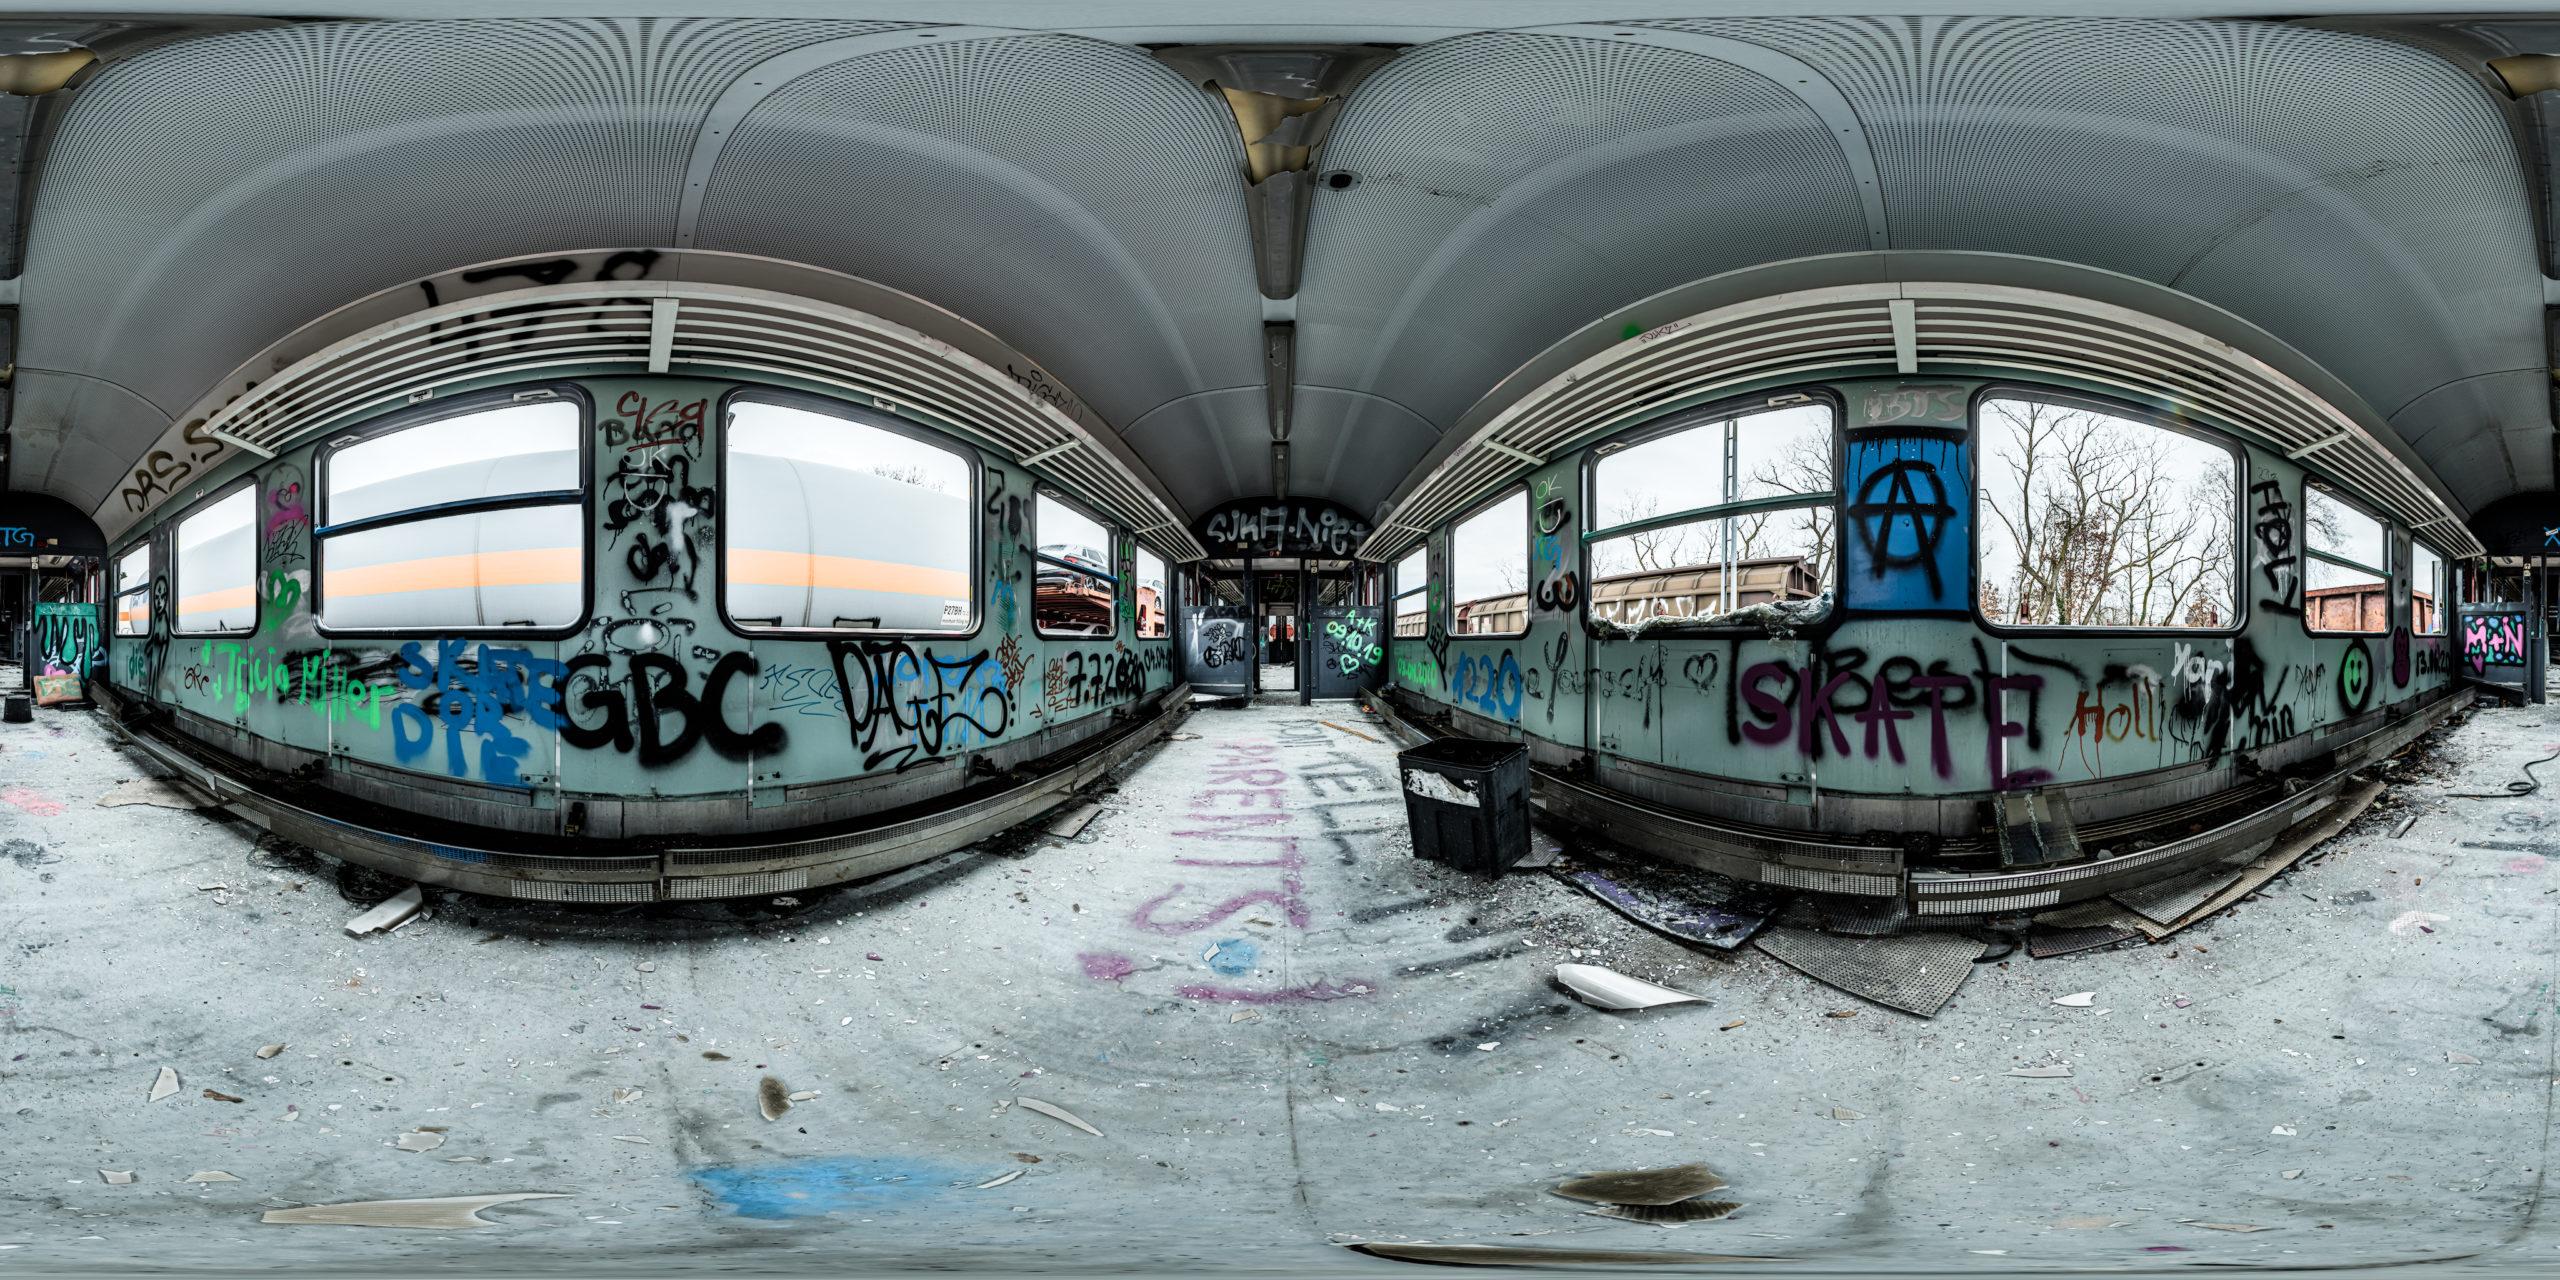 HDRI-Skies-Old-Train-Nürnberg